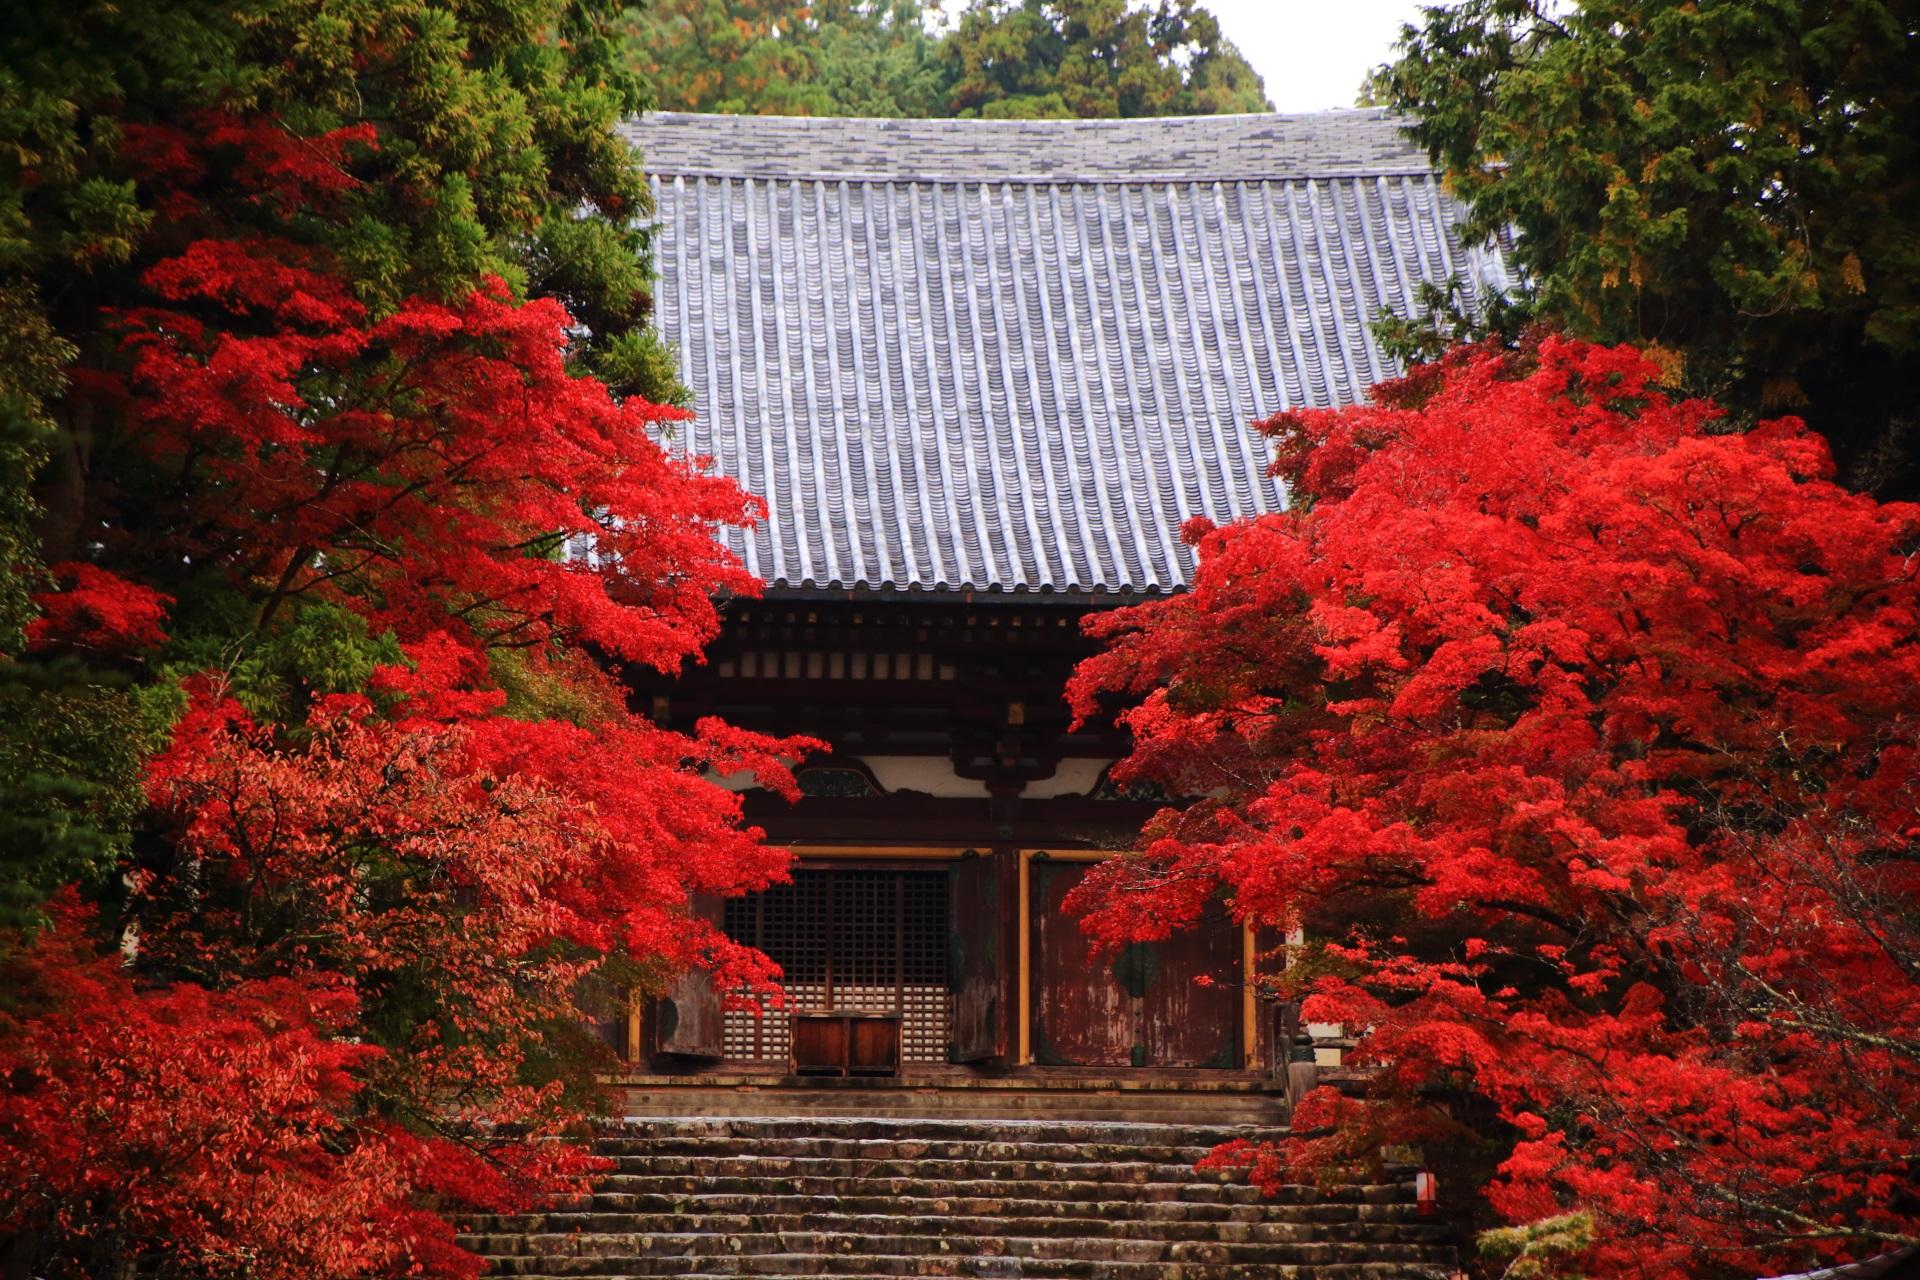 神護寺の金堂と燃え上がるような真っ赤な紅葉